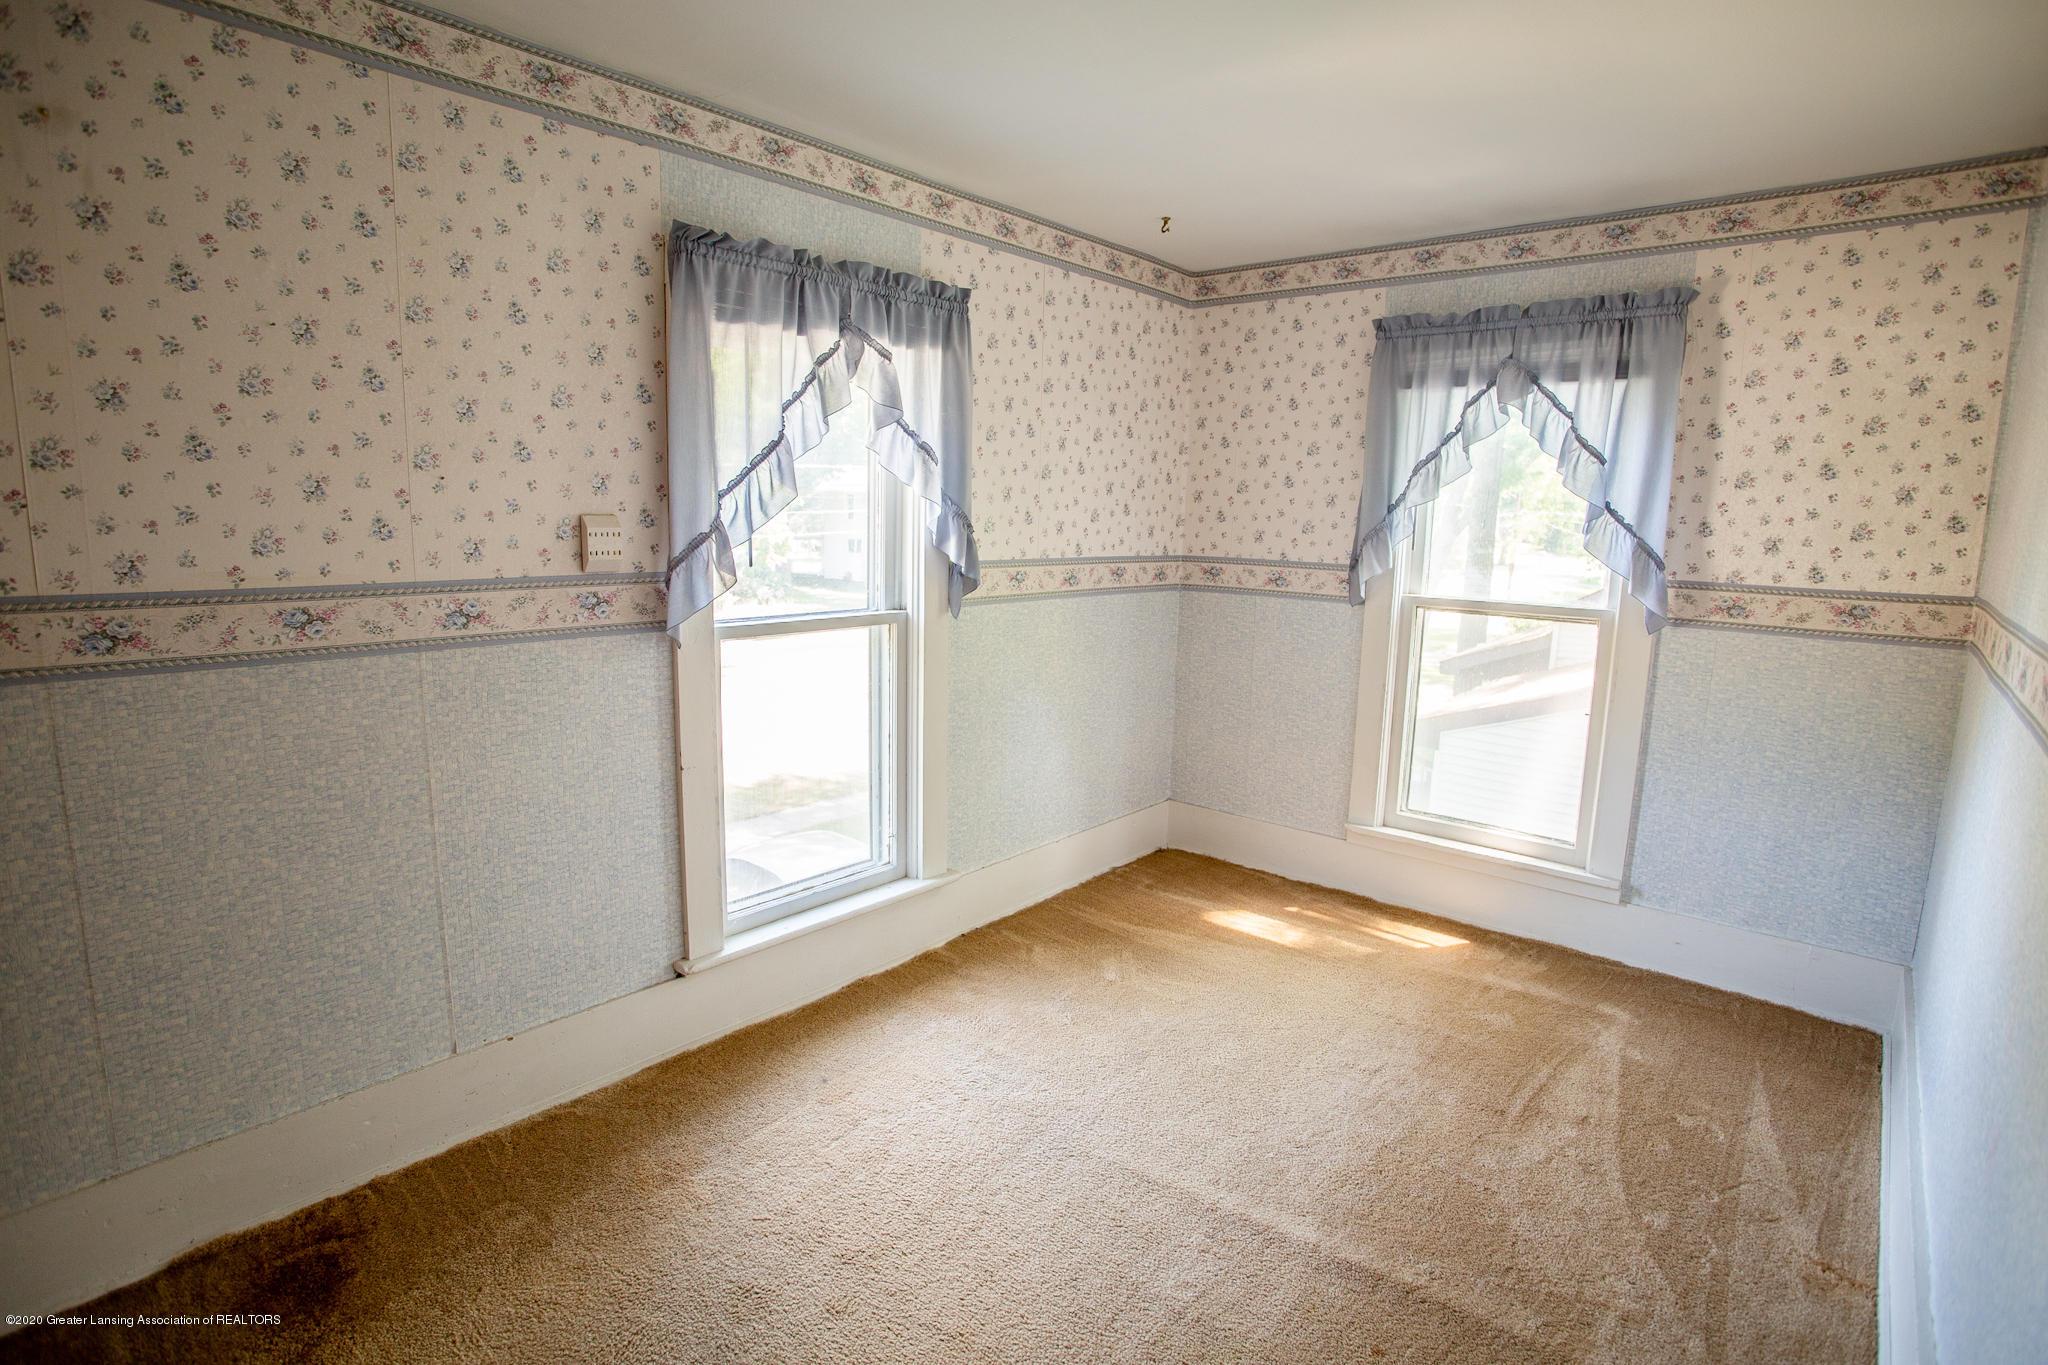 223 W Quincy St - 223 W. Quincy Bedroom 3 - 15